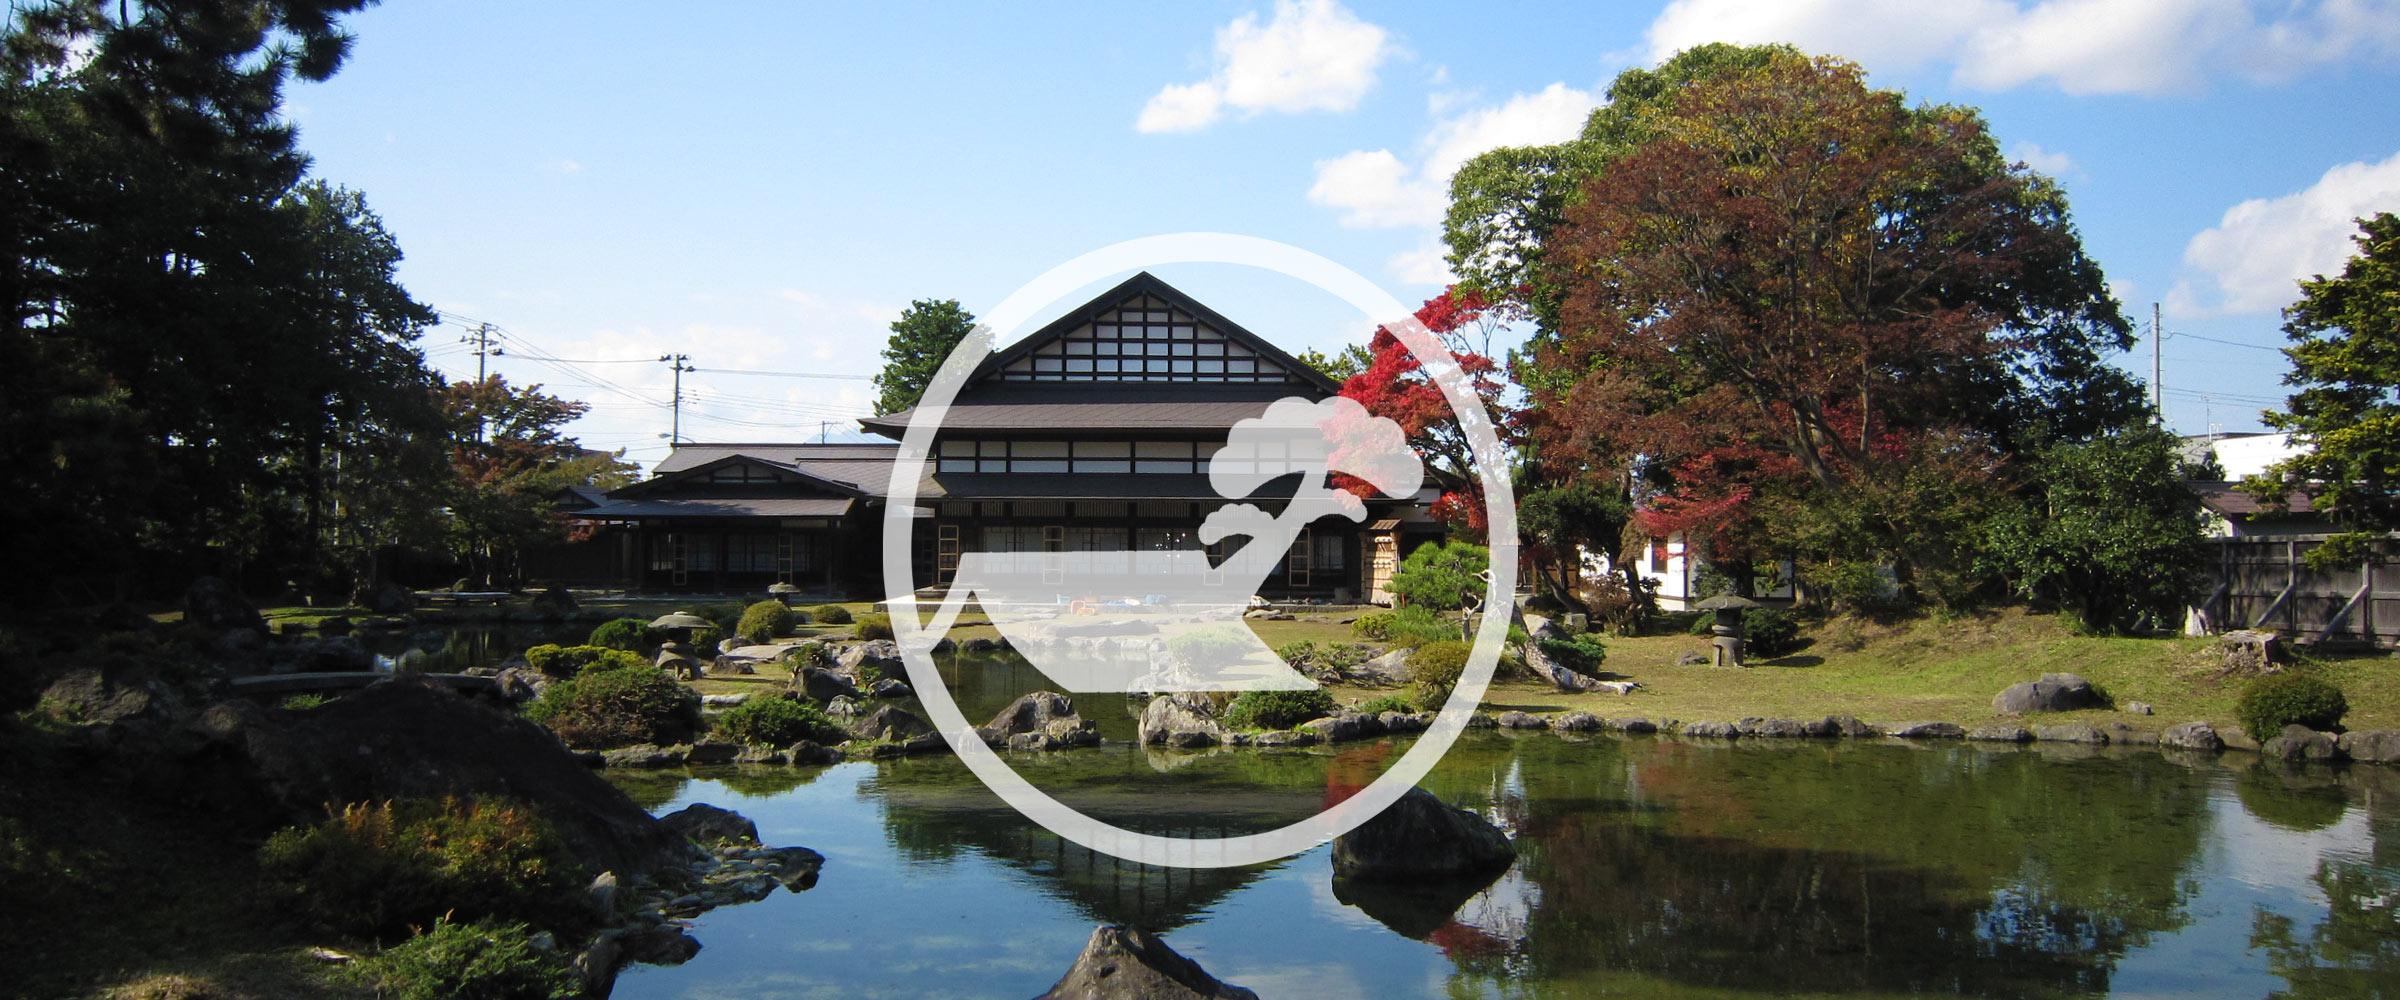 Kanenarihiraen Garden